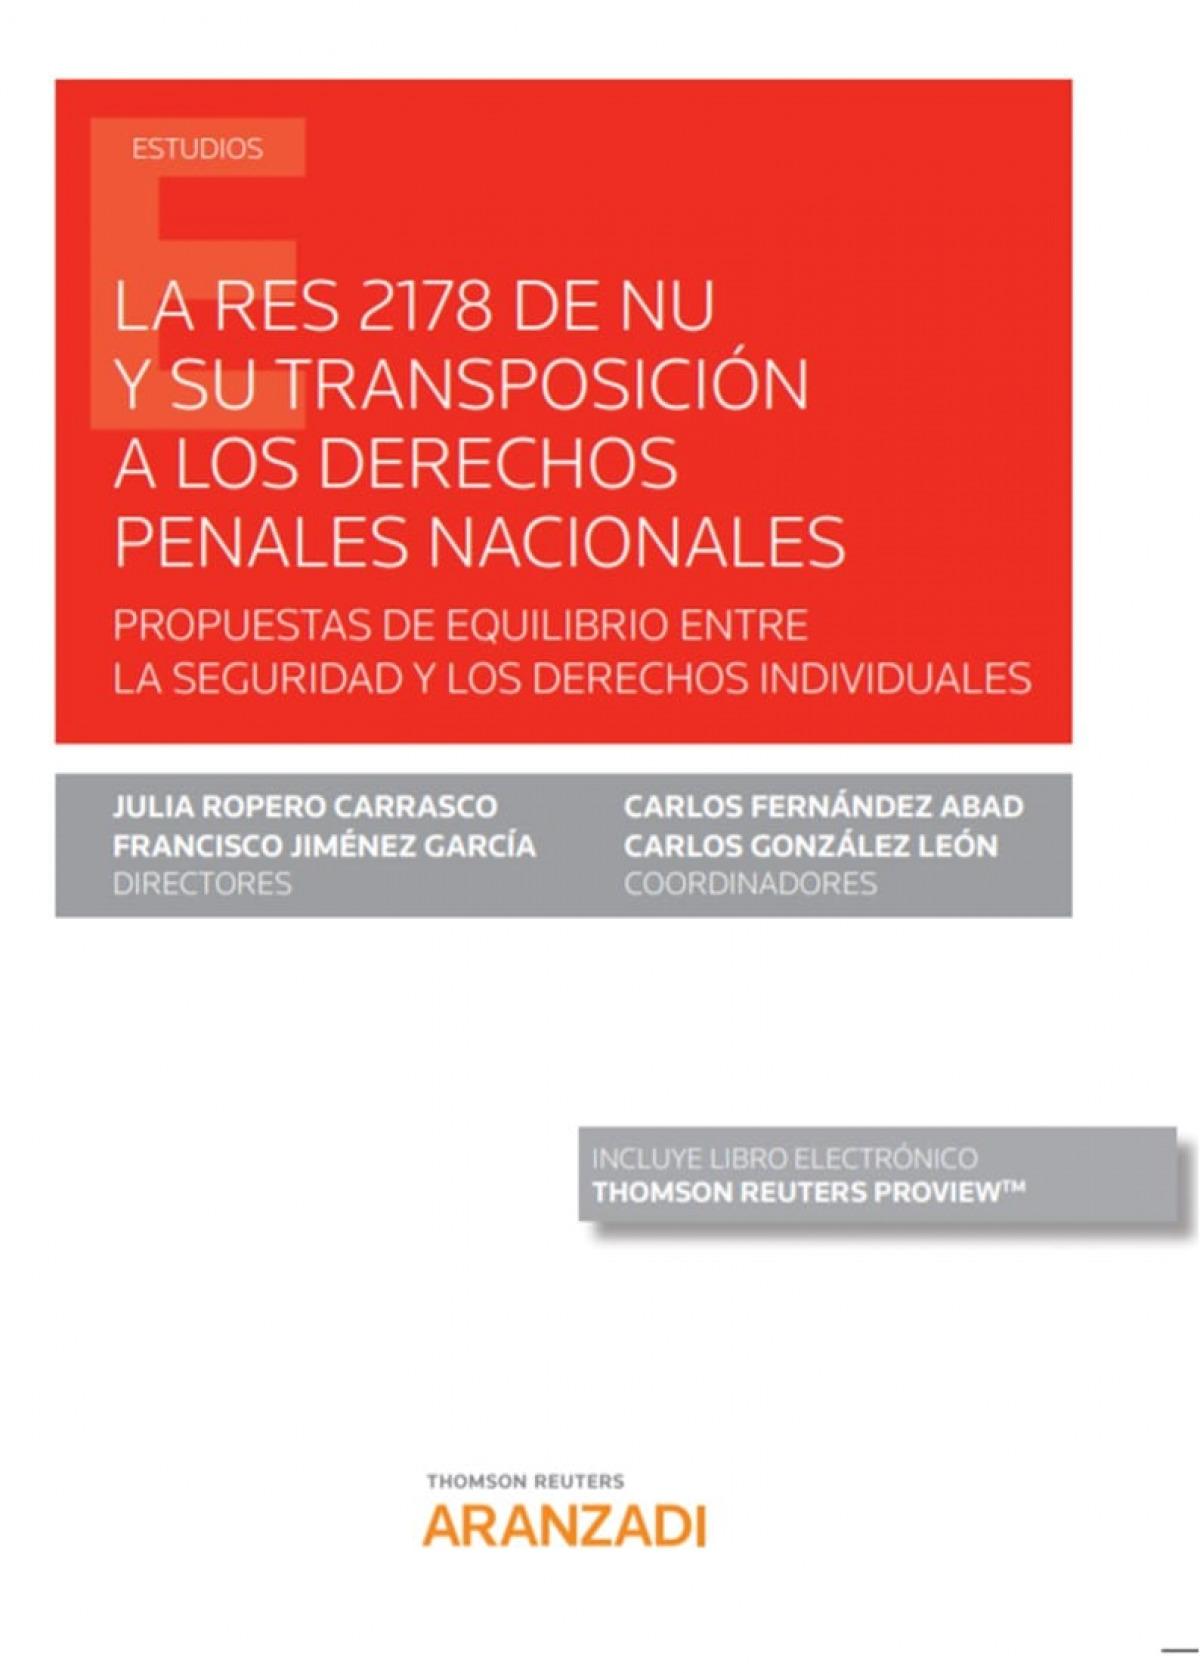 RES 2178 de NU y su transposición a los derechos penales nacional